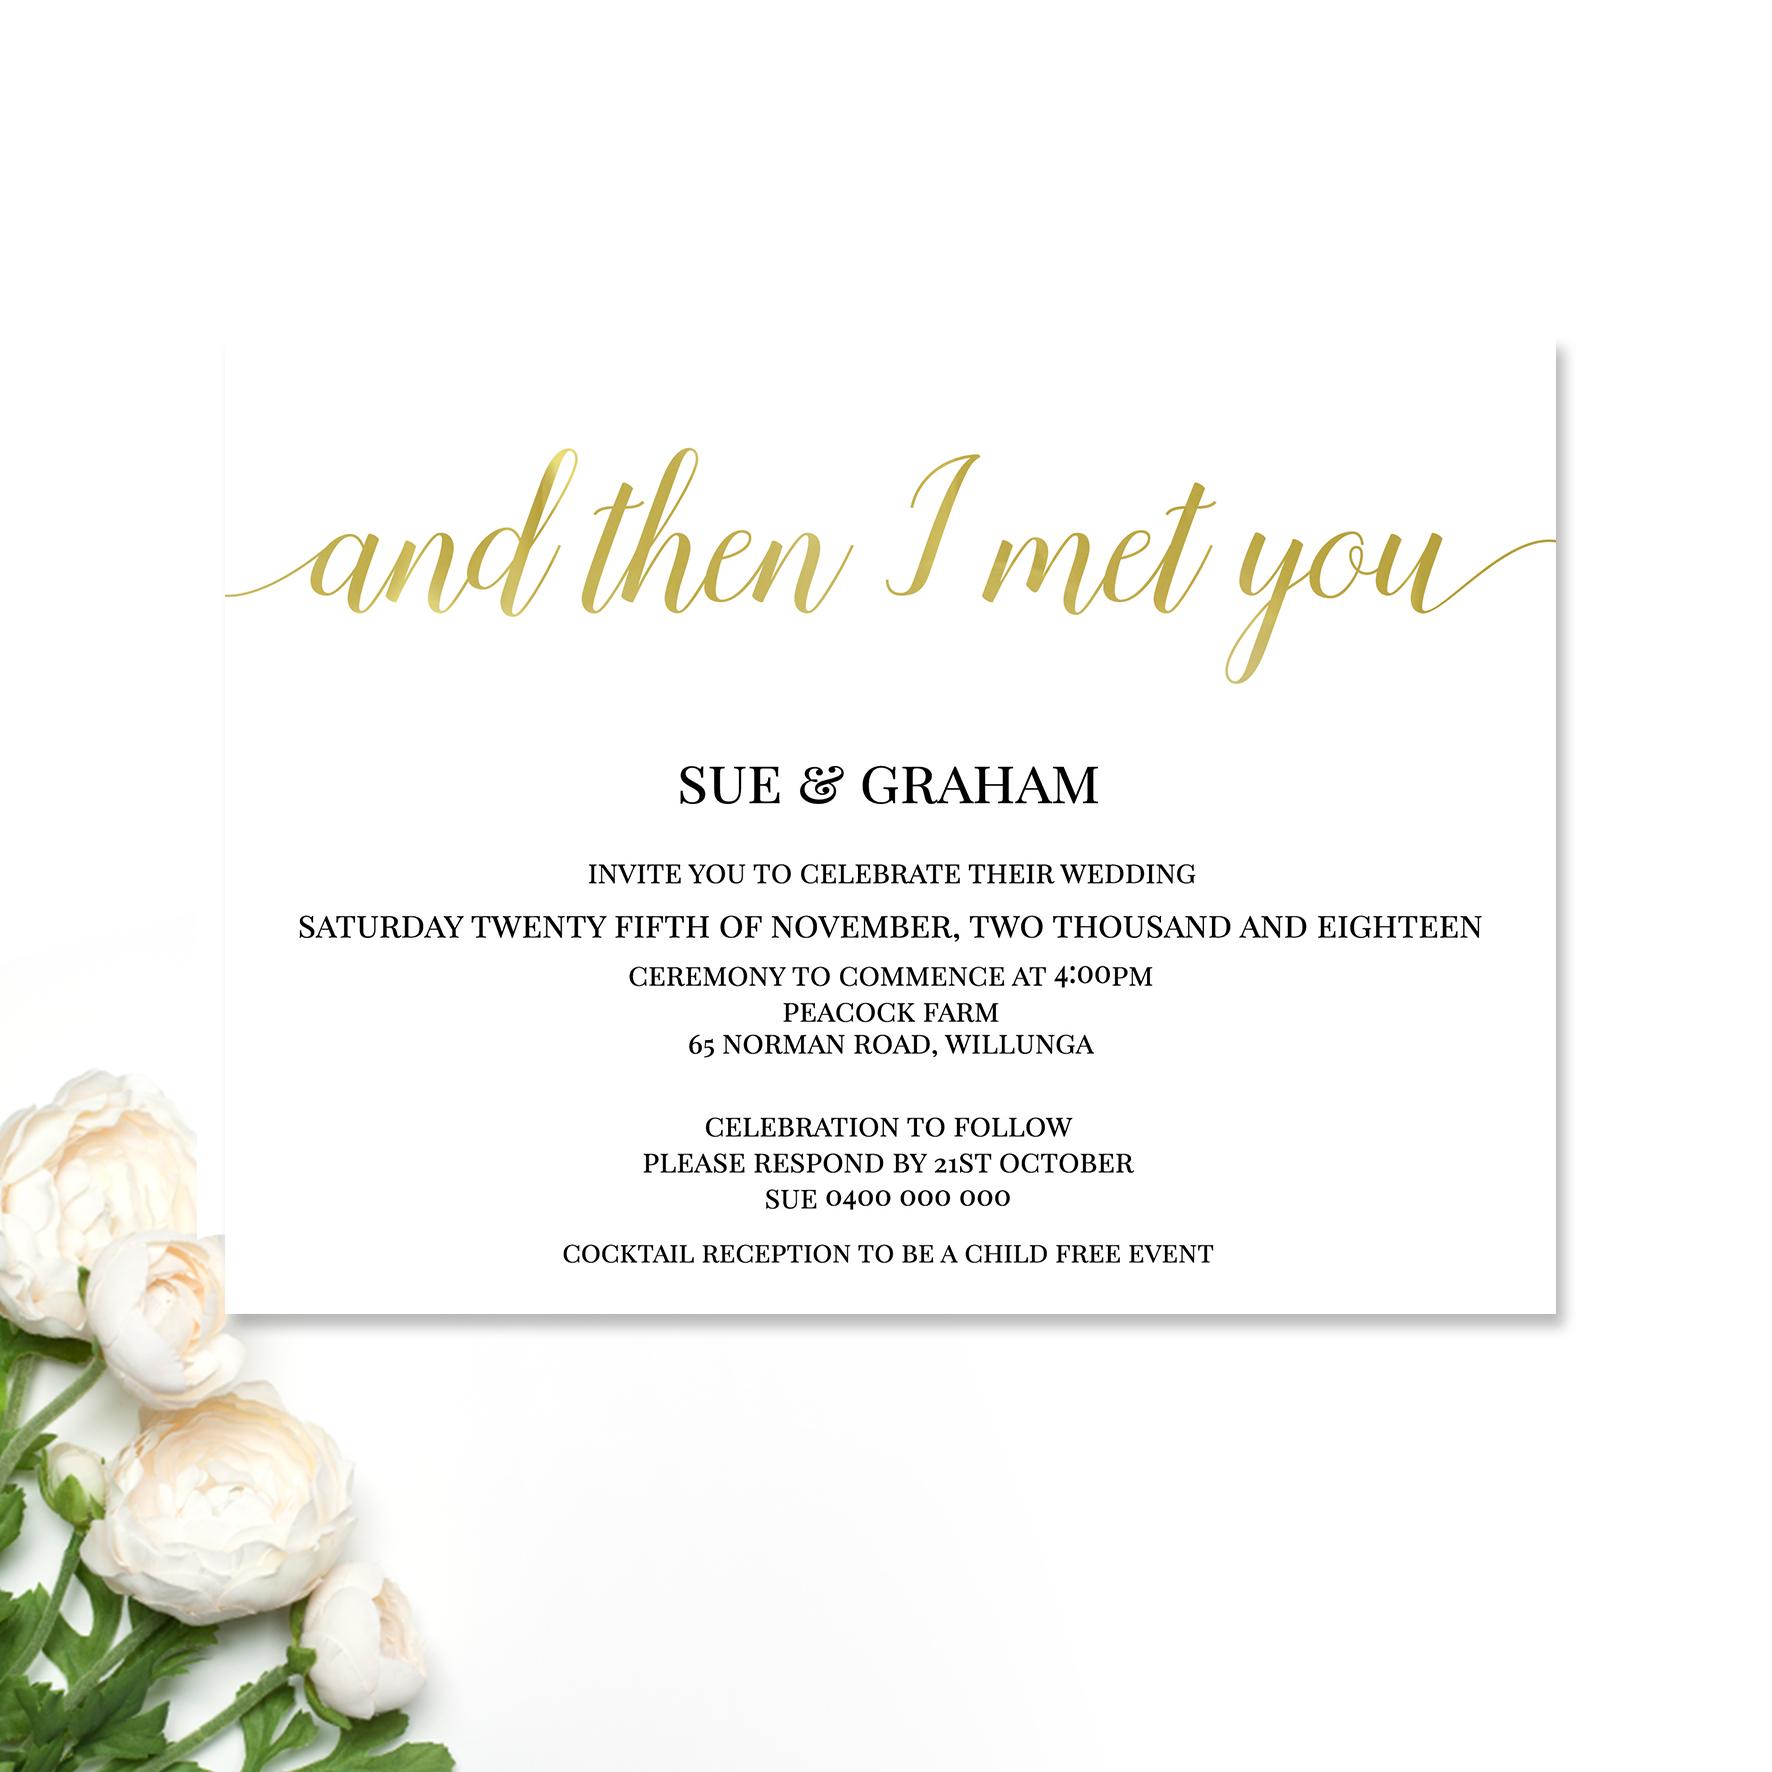 Sue Wedding Invitation